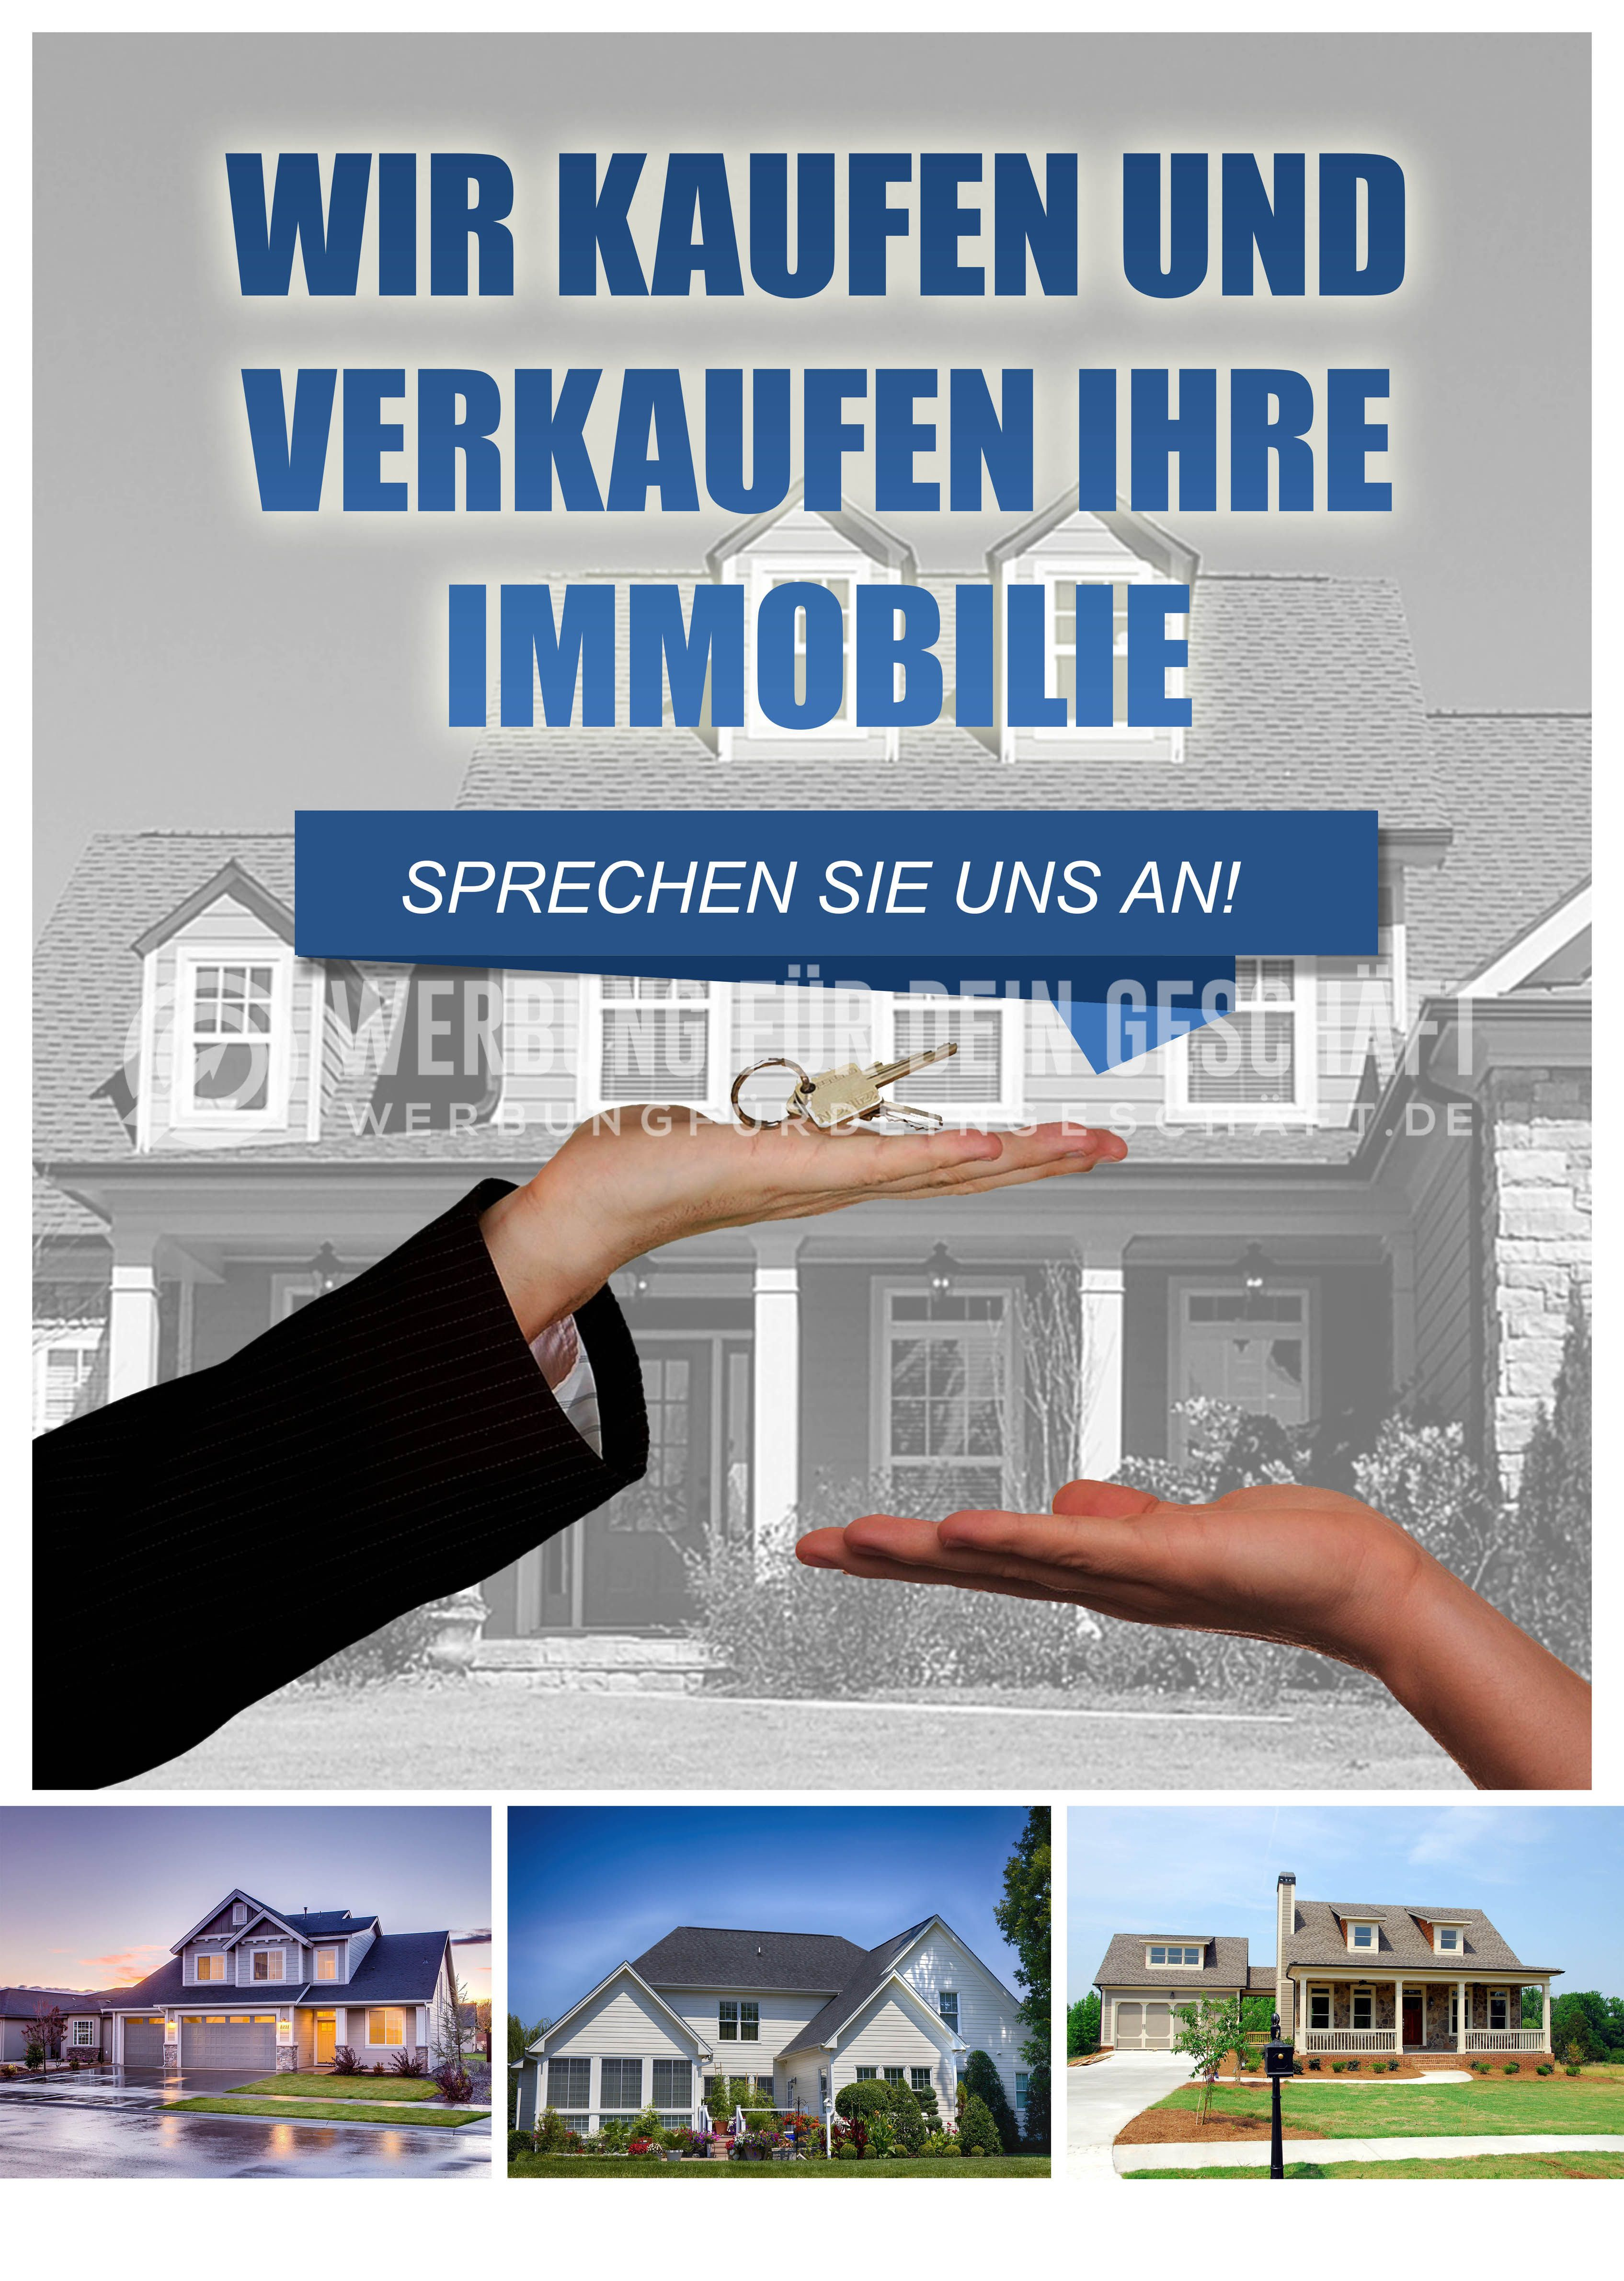 Dieses Werbeposter Wir Kaufen Und Verkaufen Ihre Immobilie Kann Fur Eure Werbung Eingesetzt Werden Als Werbeplakat Ist Es Idea Werbeplakat Immobilien Plakat